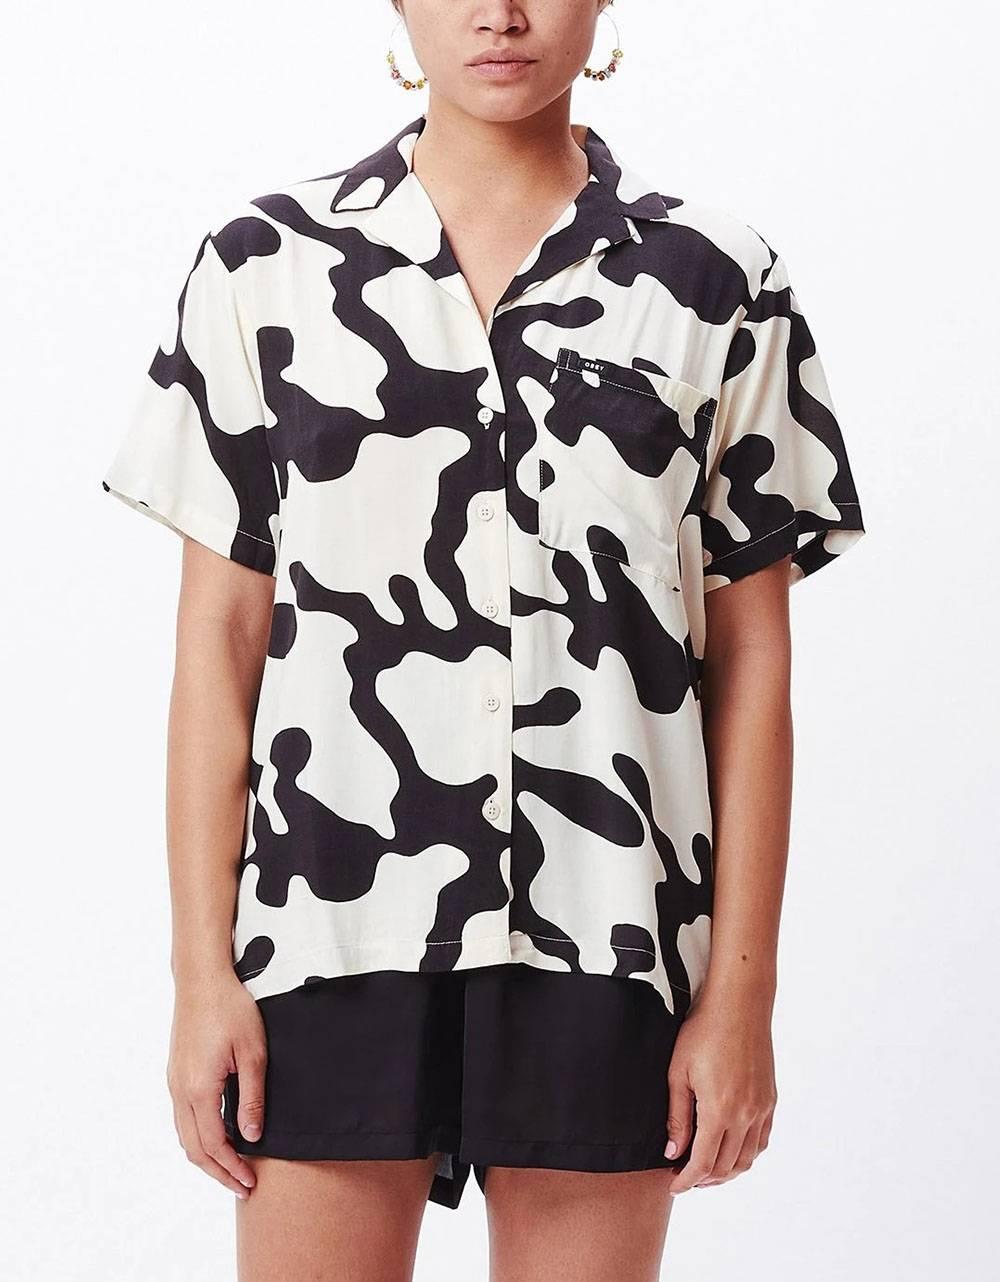 Obey Woman Glassy shirt - pecan multi obey Shirt 85,00€